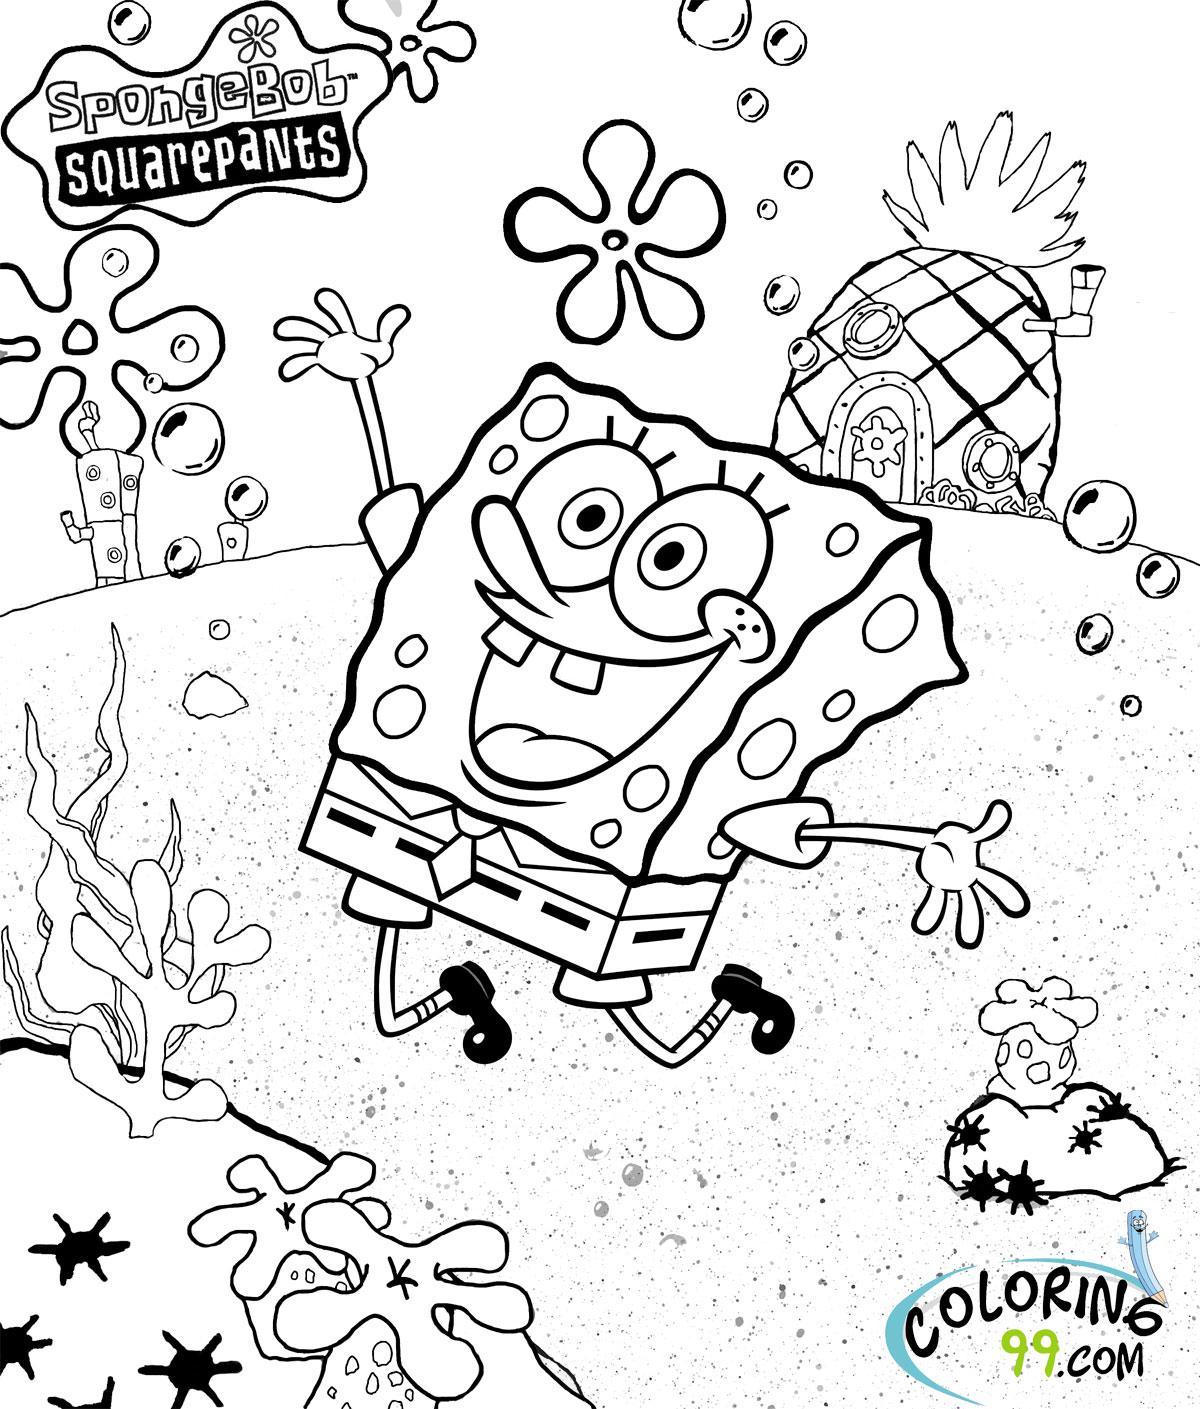 spongebob squarepants coloring sheet transmissionpress spongebob coloring pages sheet squarepants coloring spongebob